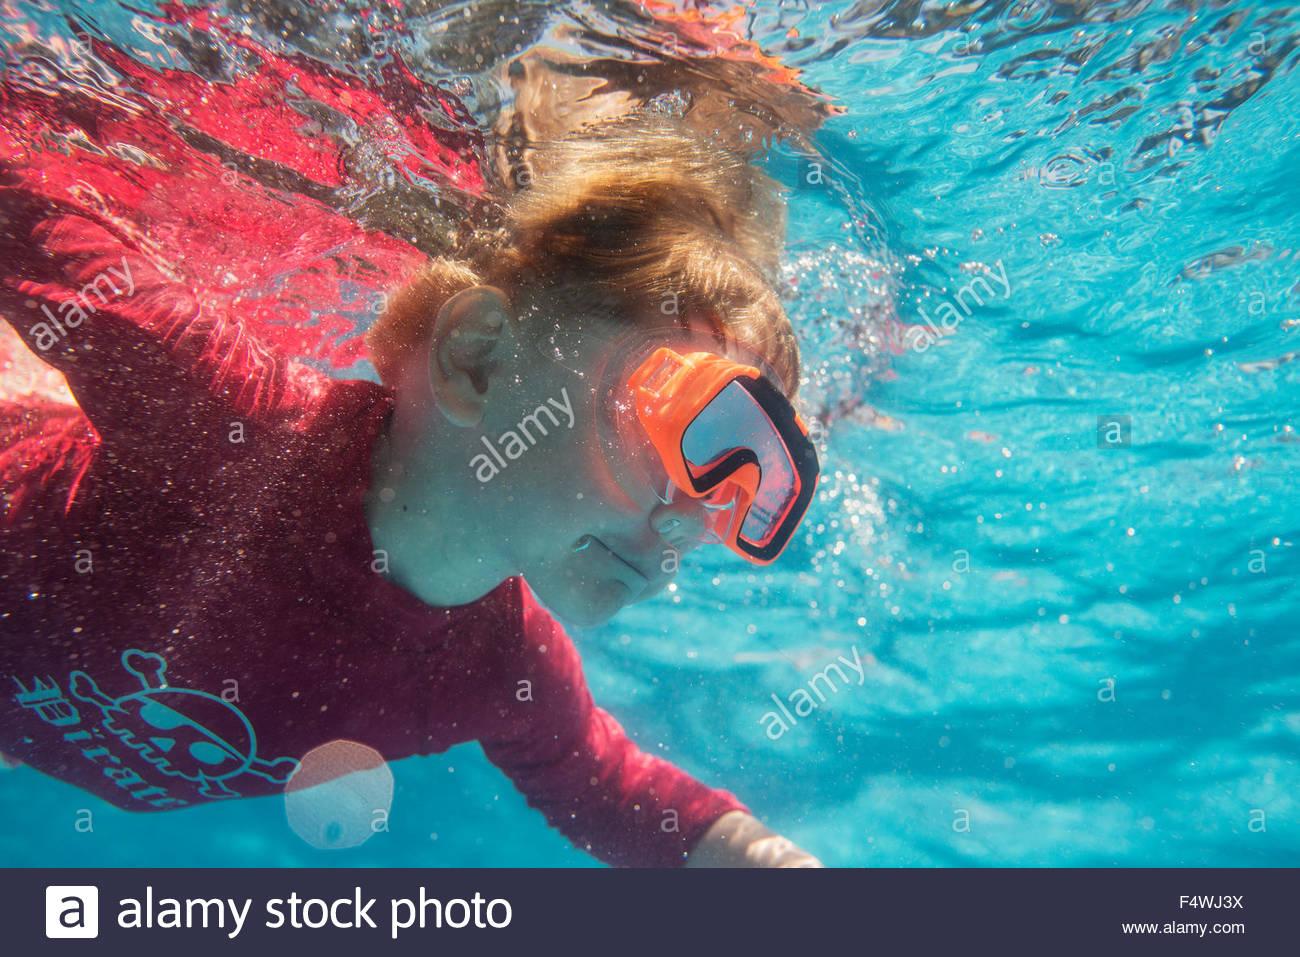 La Turquie, Mugla, Marmaris, Boy (4-5) plonger sous l'eau avec des lunettes de natation Photo Stock